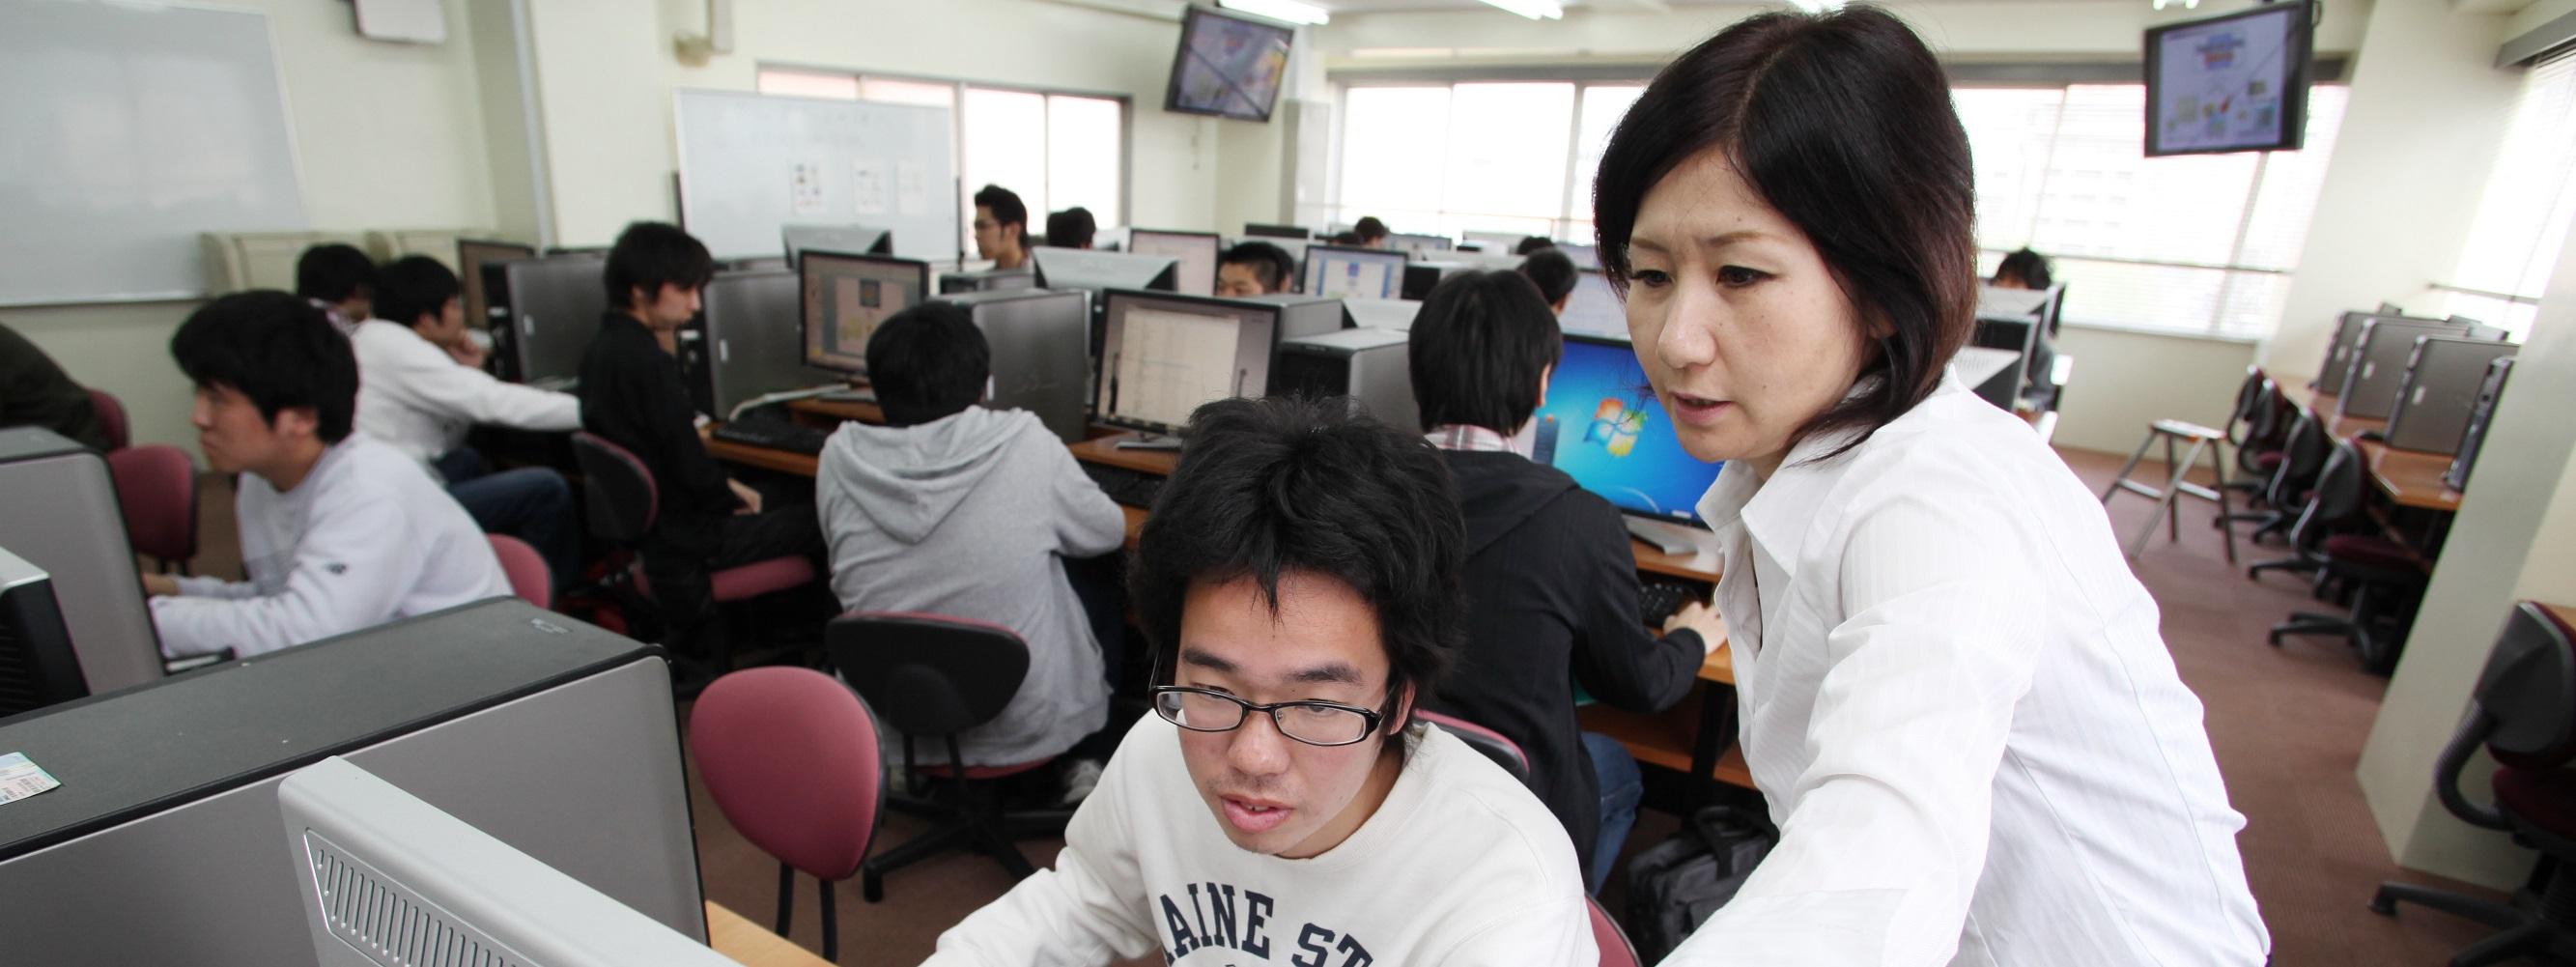 千葉情報経理専門学校PC教室